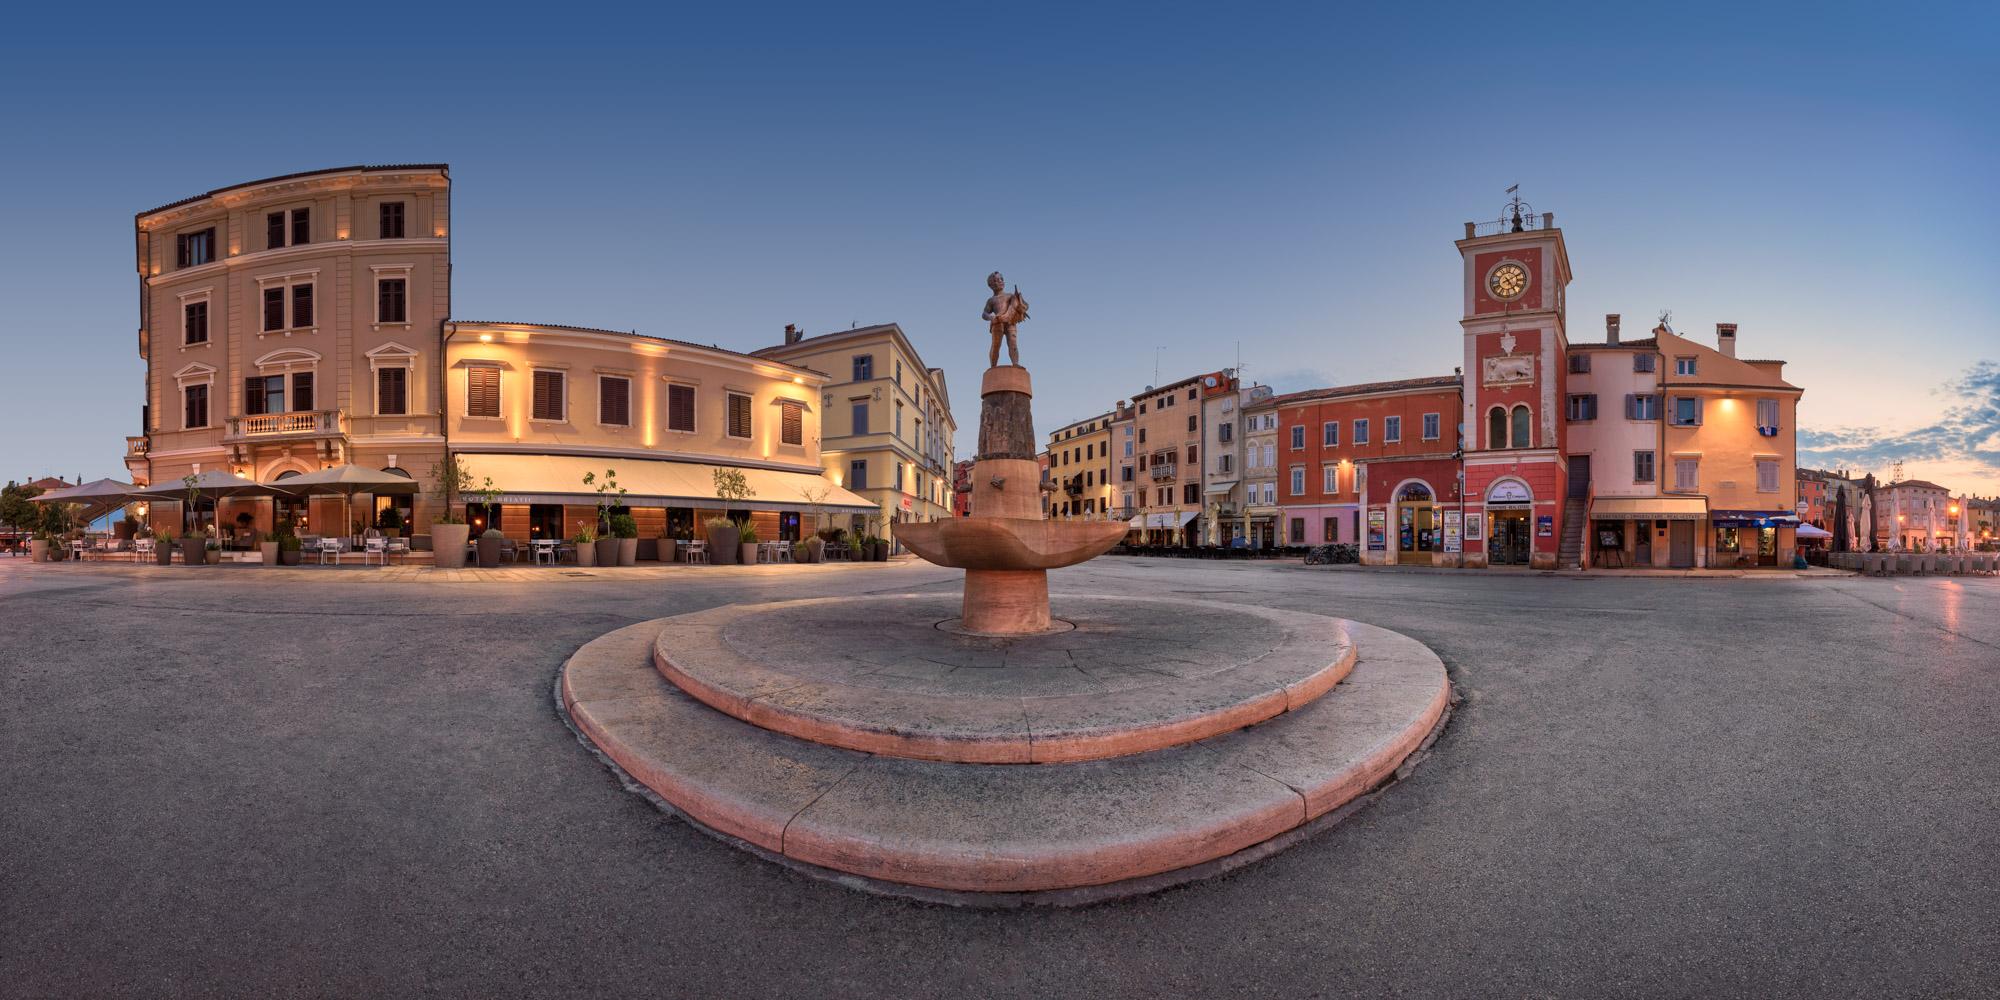 Marsala Tita Square, Rovinj, Croatia